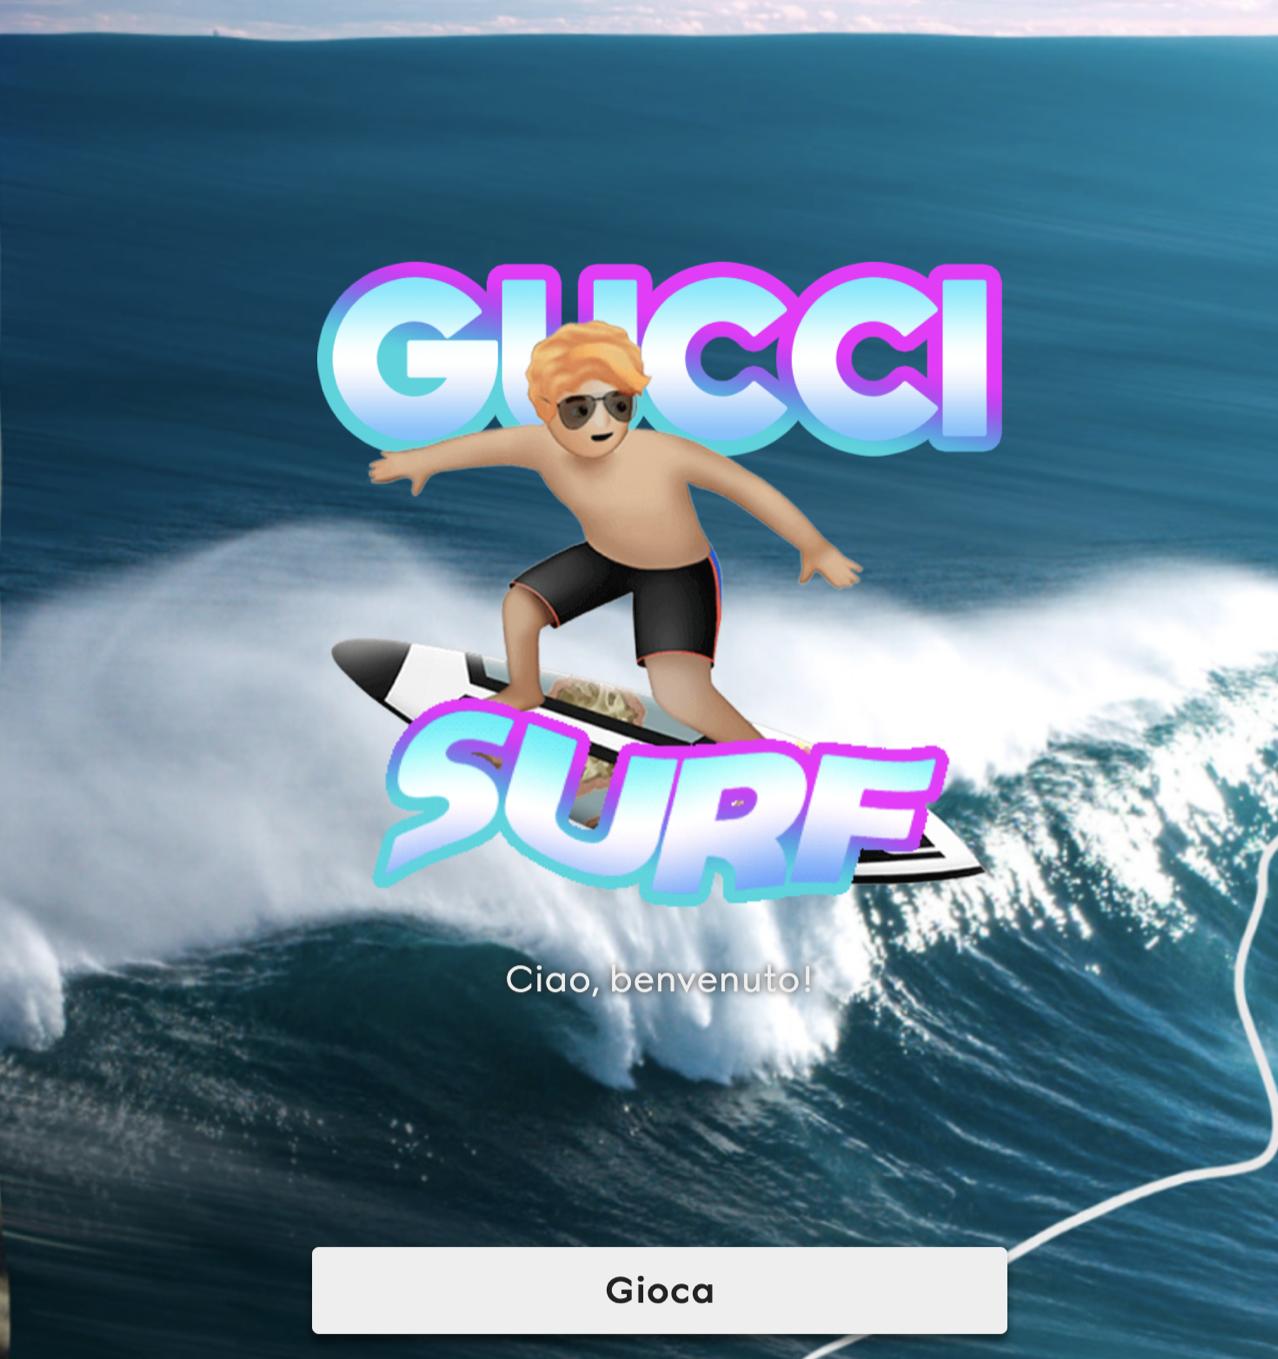 Мобильная игра Gucci поможет очистить океан от пластика